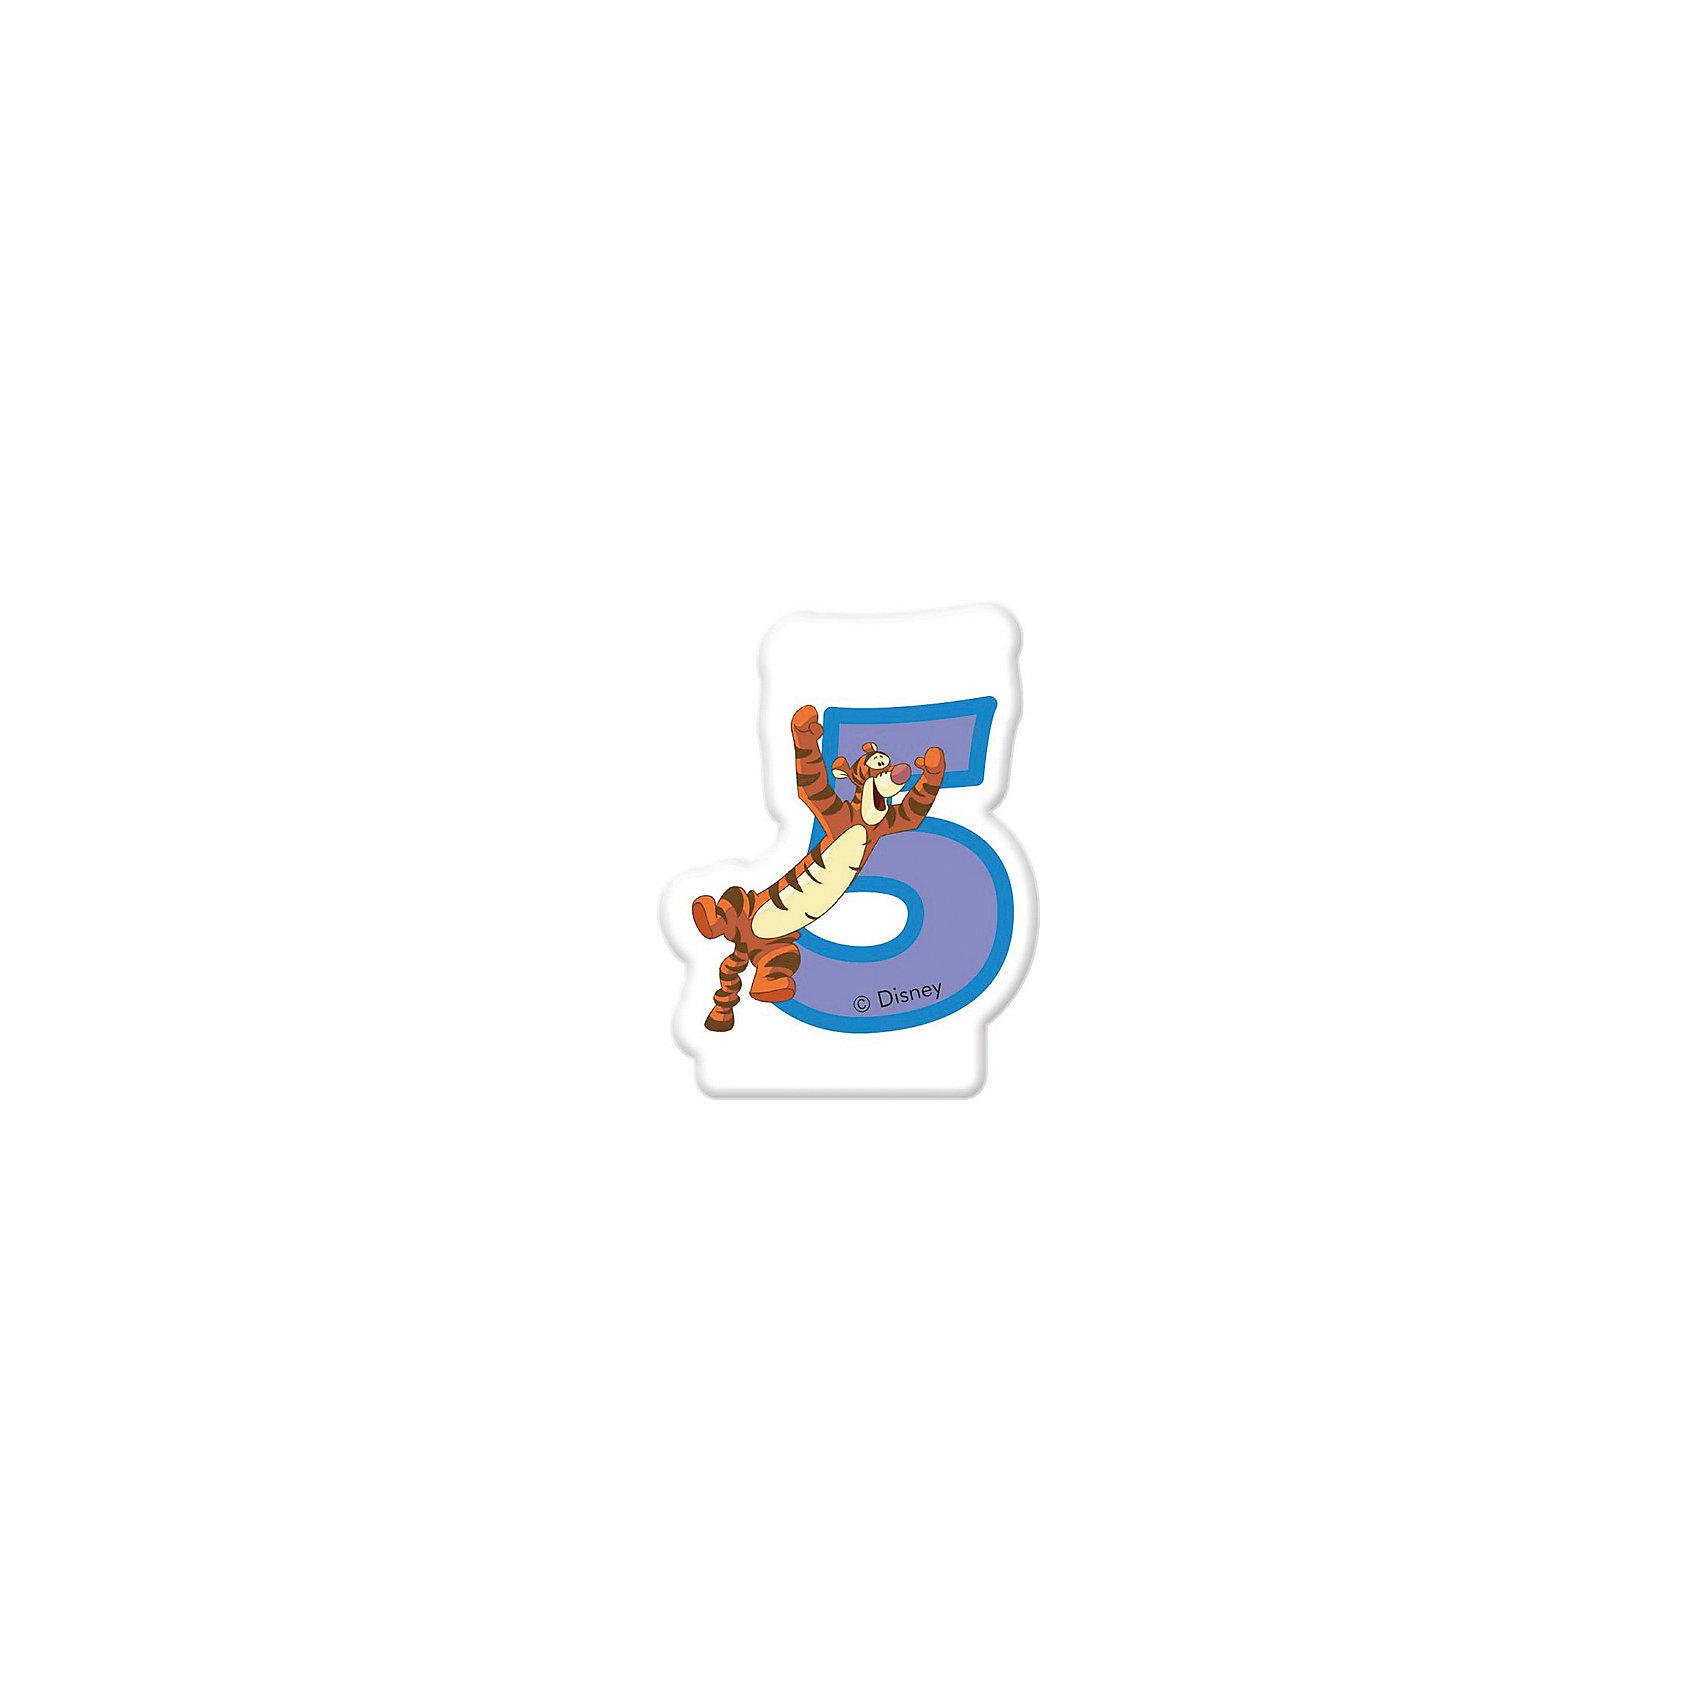 Свечка для тортаВсё для праздника<br>Характеристики товара:<br><br>• возраст: от 3 лет;<br>• упаковка: блистер;<br>• размер упаковки: 13х8х1 см.;<br>• количество свечей: 1 шт.;<br>• высота свечки: 6 см.;<br>• цвет: розовый;<br>• состав: парафин, дерево;<br>• бренд, страна: Procos, Россия;<br>• страна-производитель: Греция<br><br>Свечка «Винни: 5 лет» станет лучшим вариантом украшения детского торта на праздновании дня рождения вашего малыша. С помощью свечи для торта  «Винни: 2 года» с забавной фигуркой героя из мультфильма Дисней Тигры вы порадуете вашего ребенка и сделаете день рождения незабываемым.  <br><br>Свечки изготовлены из высококачественных нетоксичных материалов и безопасны для детского здоровья.<br><br>Свечка «Винни: 5 лет», 6 см., 1 шт., Procos (Прокос)  можно купить в нашем интернет-магазине.<br><br>Ширина мм: 85<br>Глубина мм: 250<br>Высота мм: 130<br>Вес г: 27<br>Возраст от месяцев: 36<br>Возраст до месяцев: 120<br>Пол: Унисекс<br>Возраст: Детский<br>SKU: 6914363